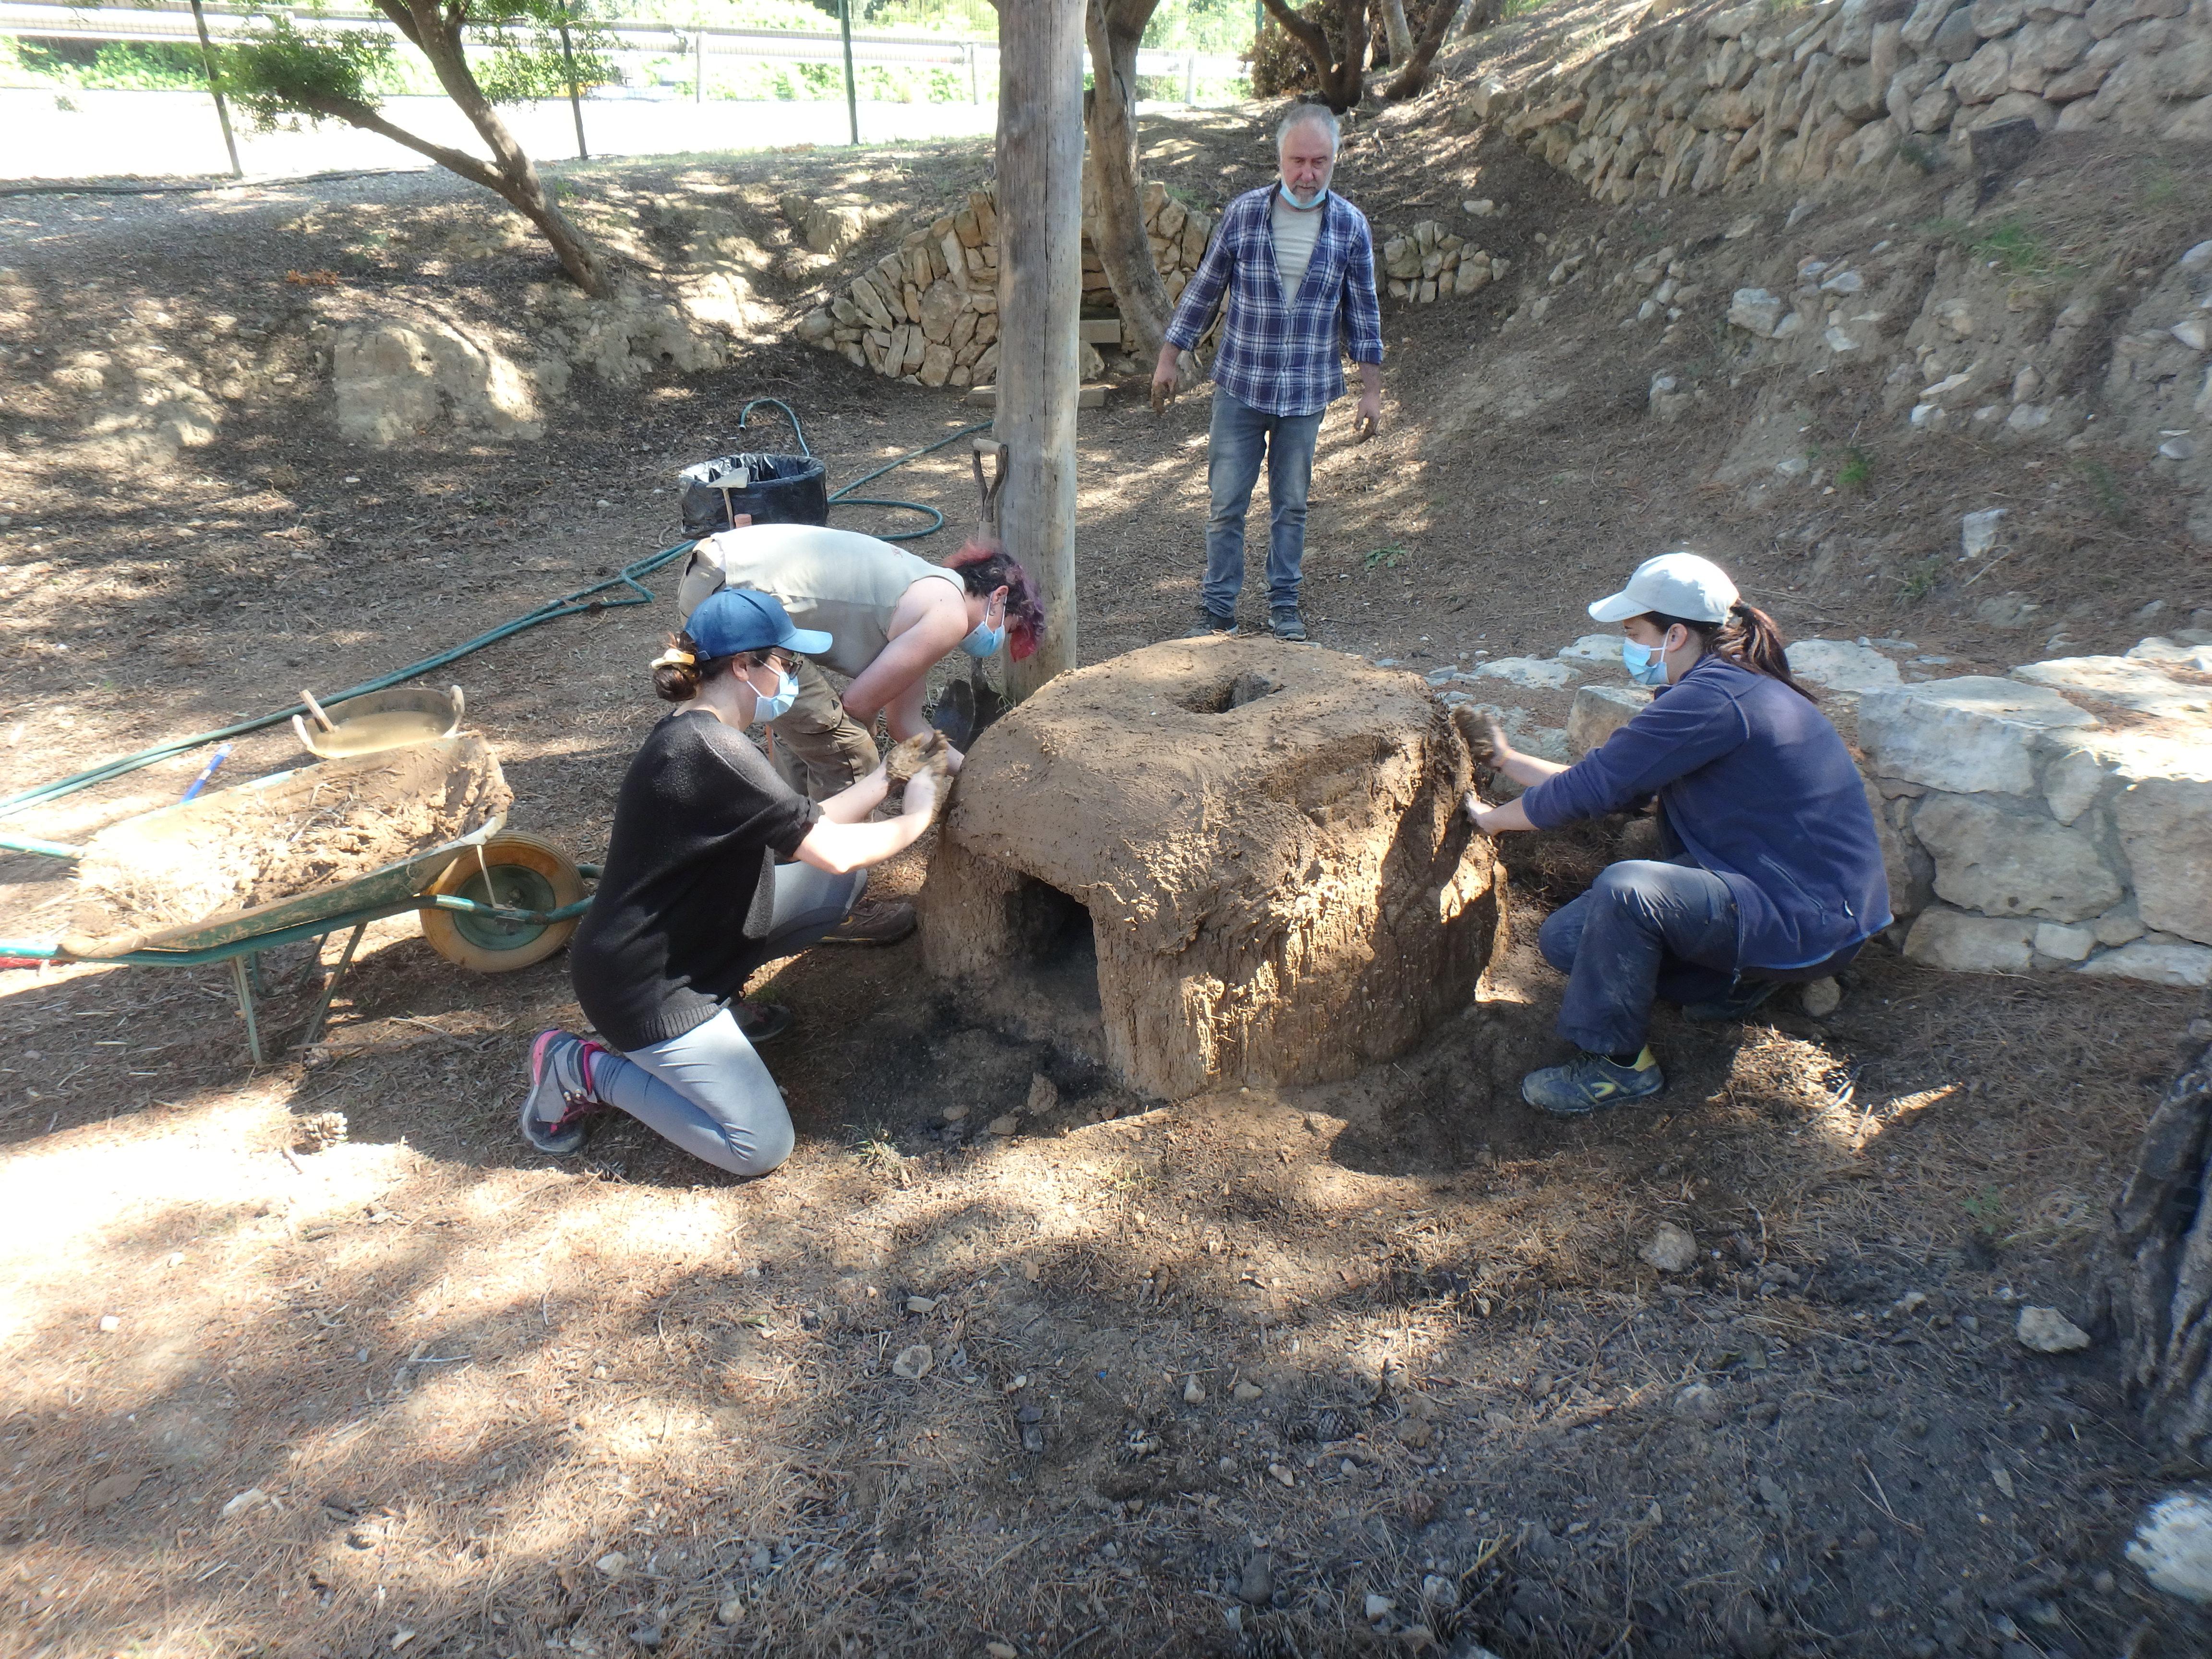 Construcció experimental d'un forn protohistòric, amb la volta construïda amb fang barrejat amb palla i sobre una base de fang, en espai exterior.Foto: projecte TRANSCOMB (ICAC).